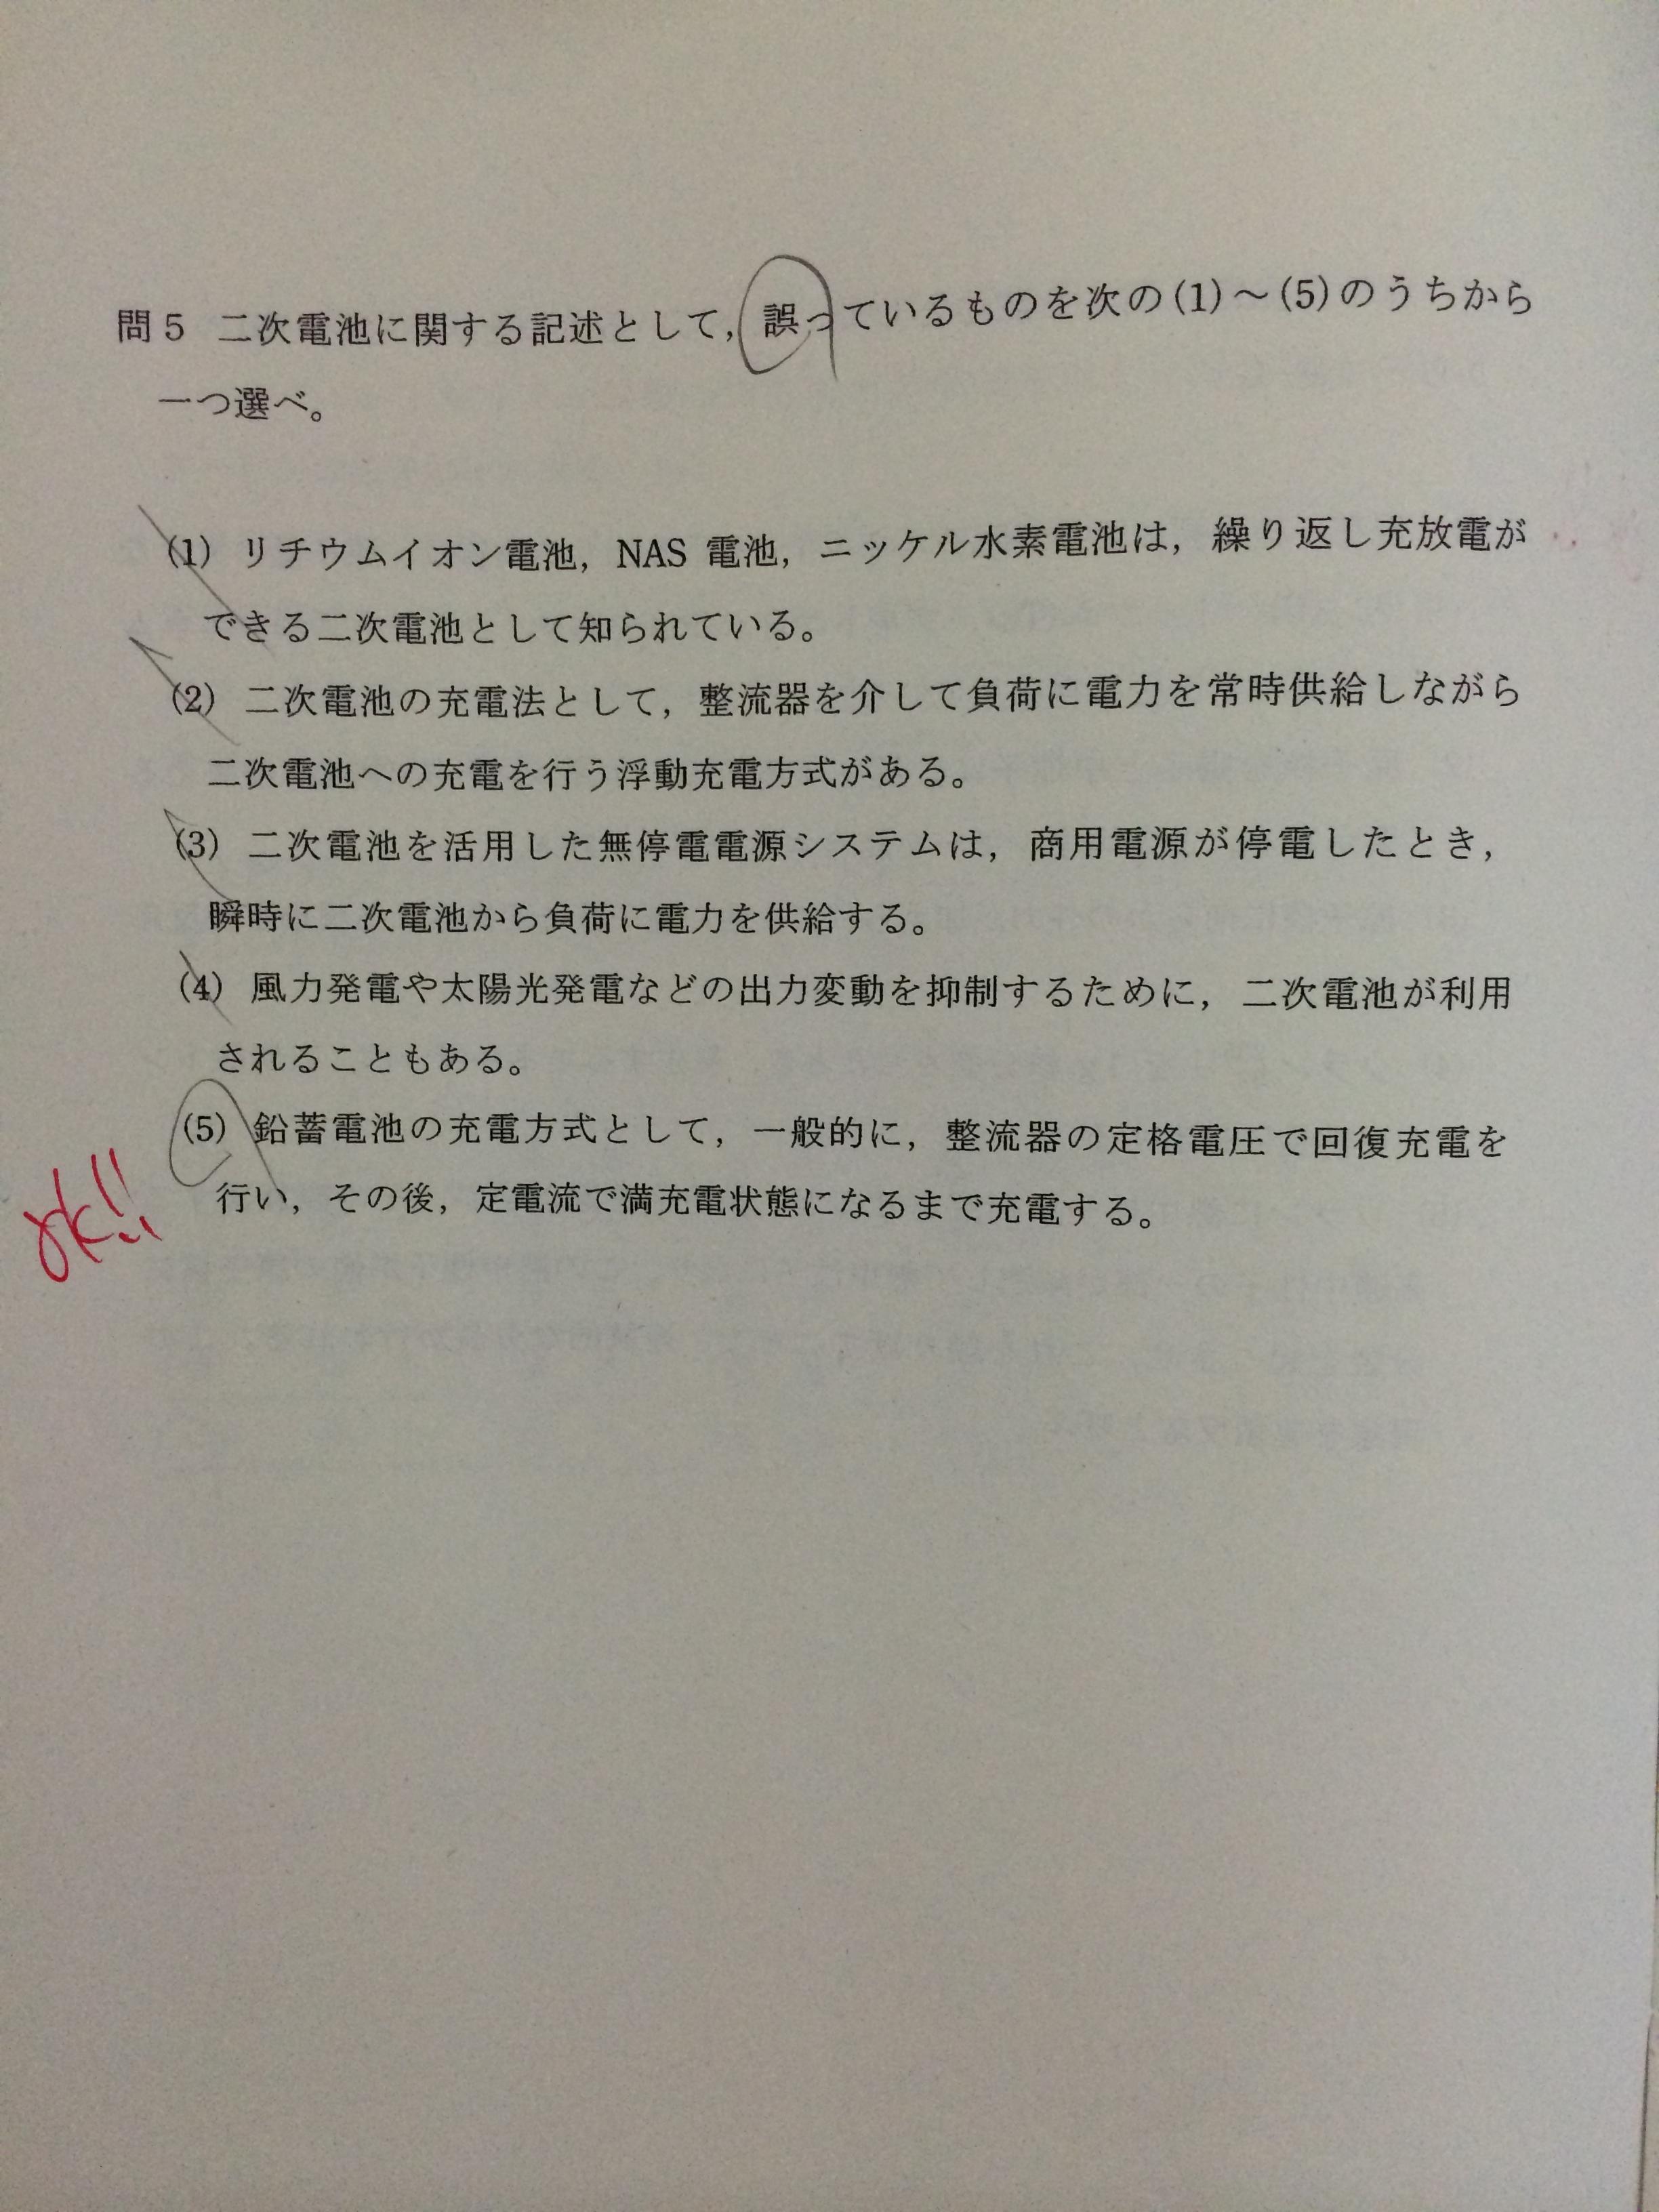 denryoku_04